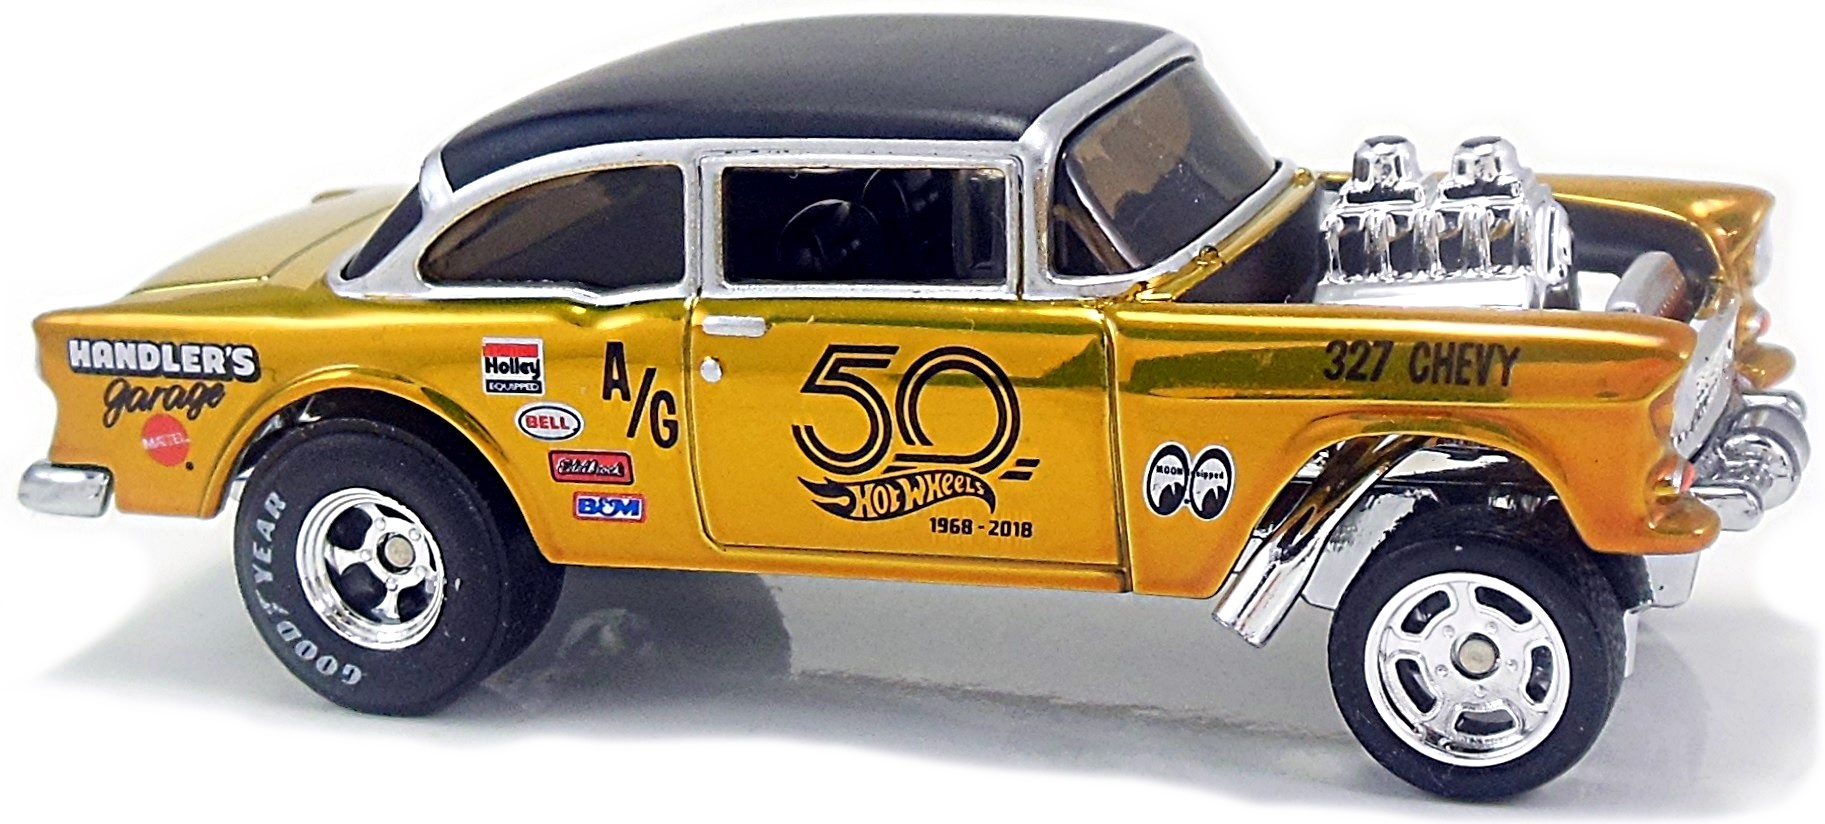 55 Chevy Bel Air Gasser - 73mm - 2013 | Hot Wheels Newsletter